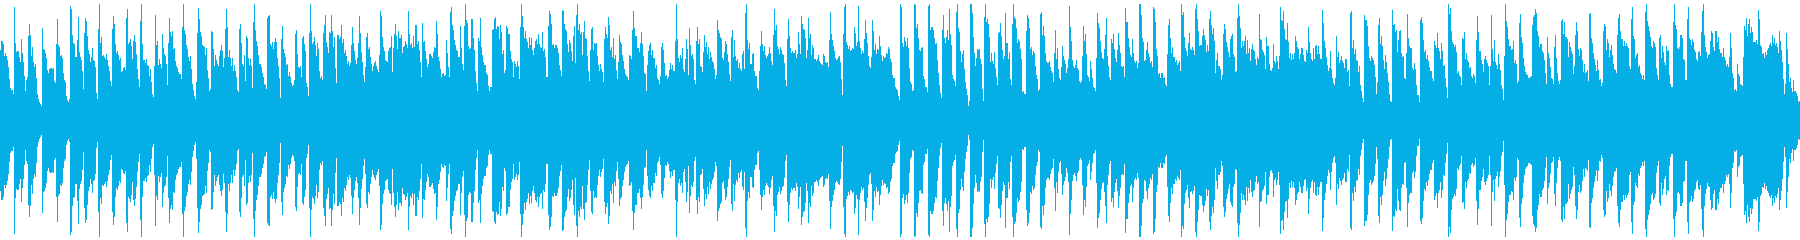 ほのぼのリコーダーのポップス ※ループ版の再生済みの波形